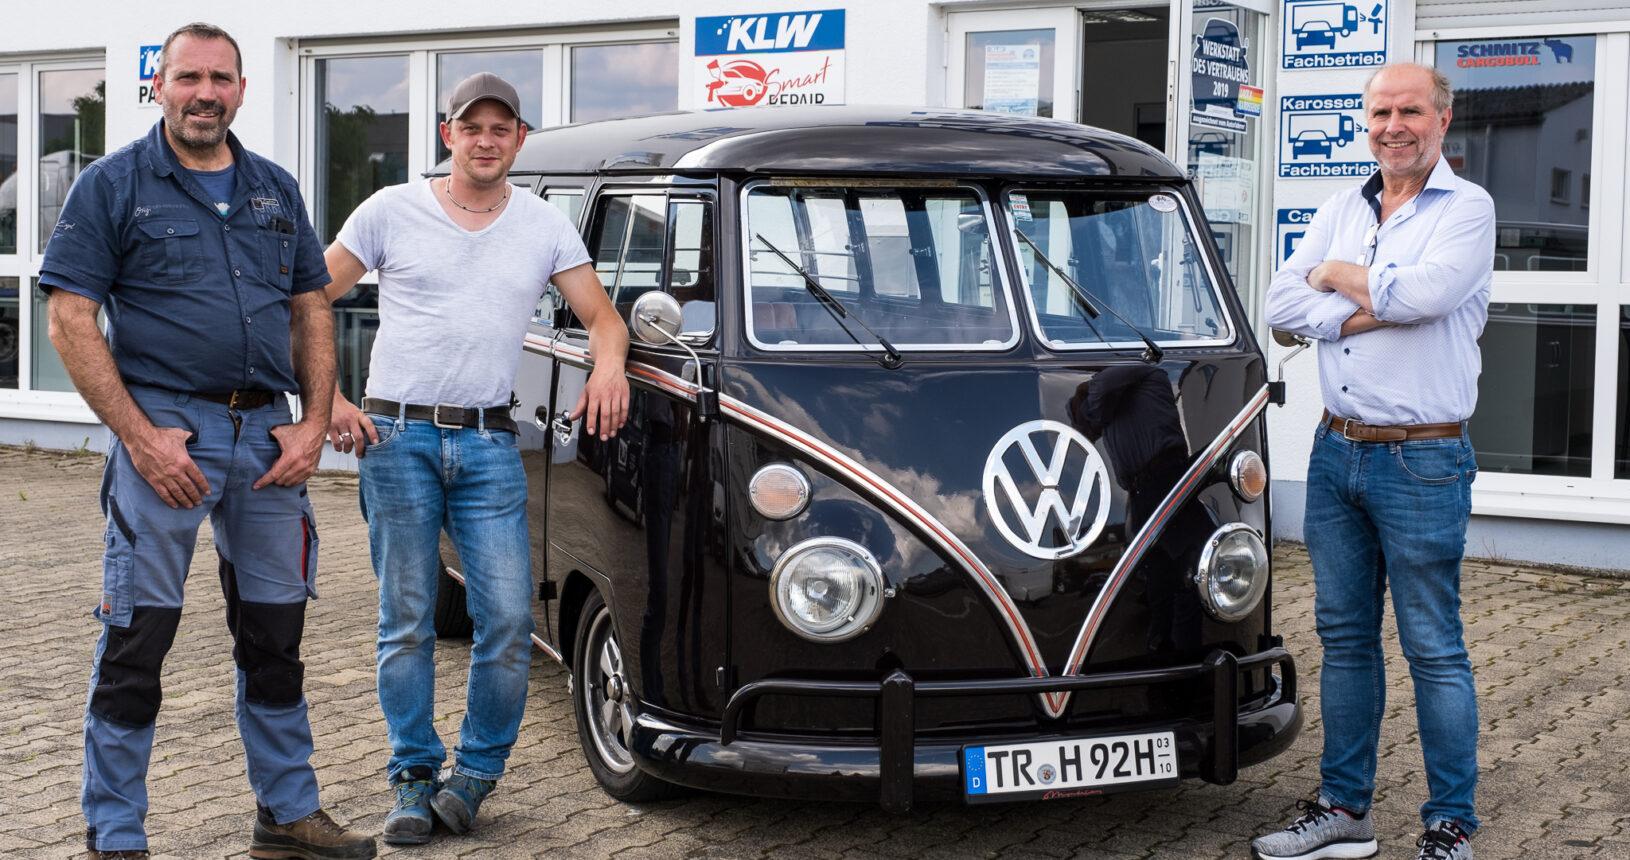 KLW GmbH - Ottostr. 6-16, 54294 Trier